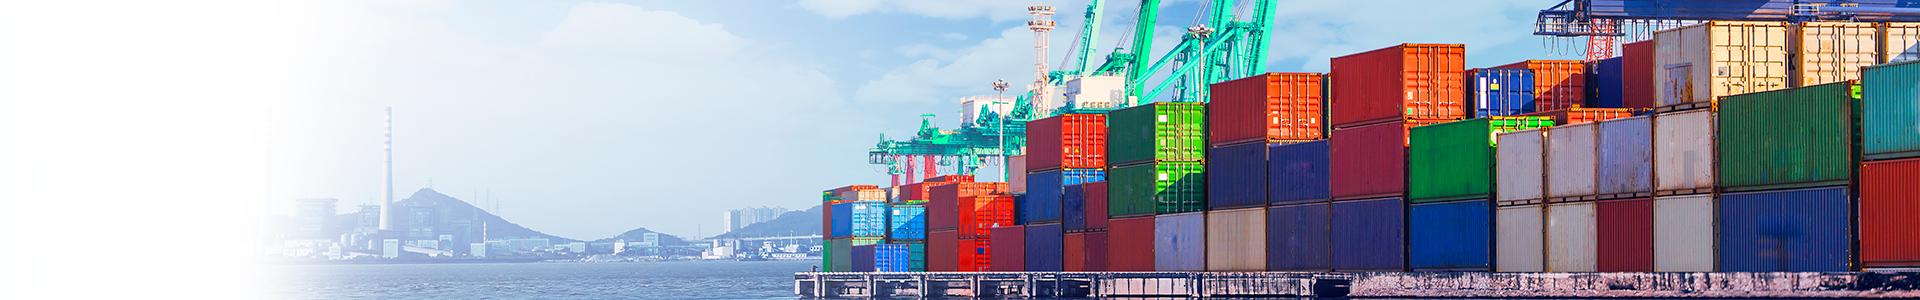 exportaciones_colombia_eam_medellin_importaciones_negocios